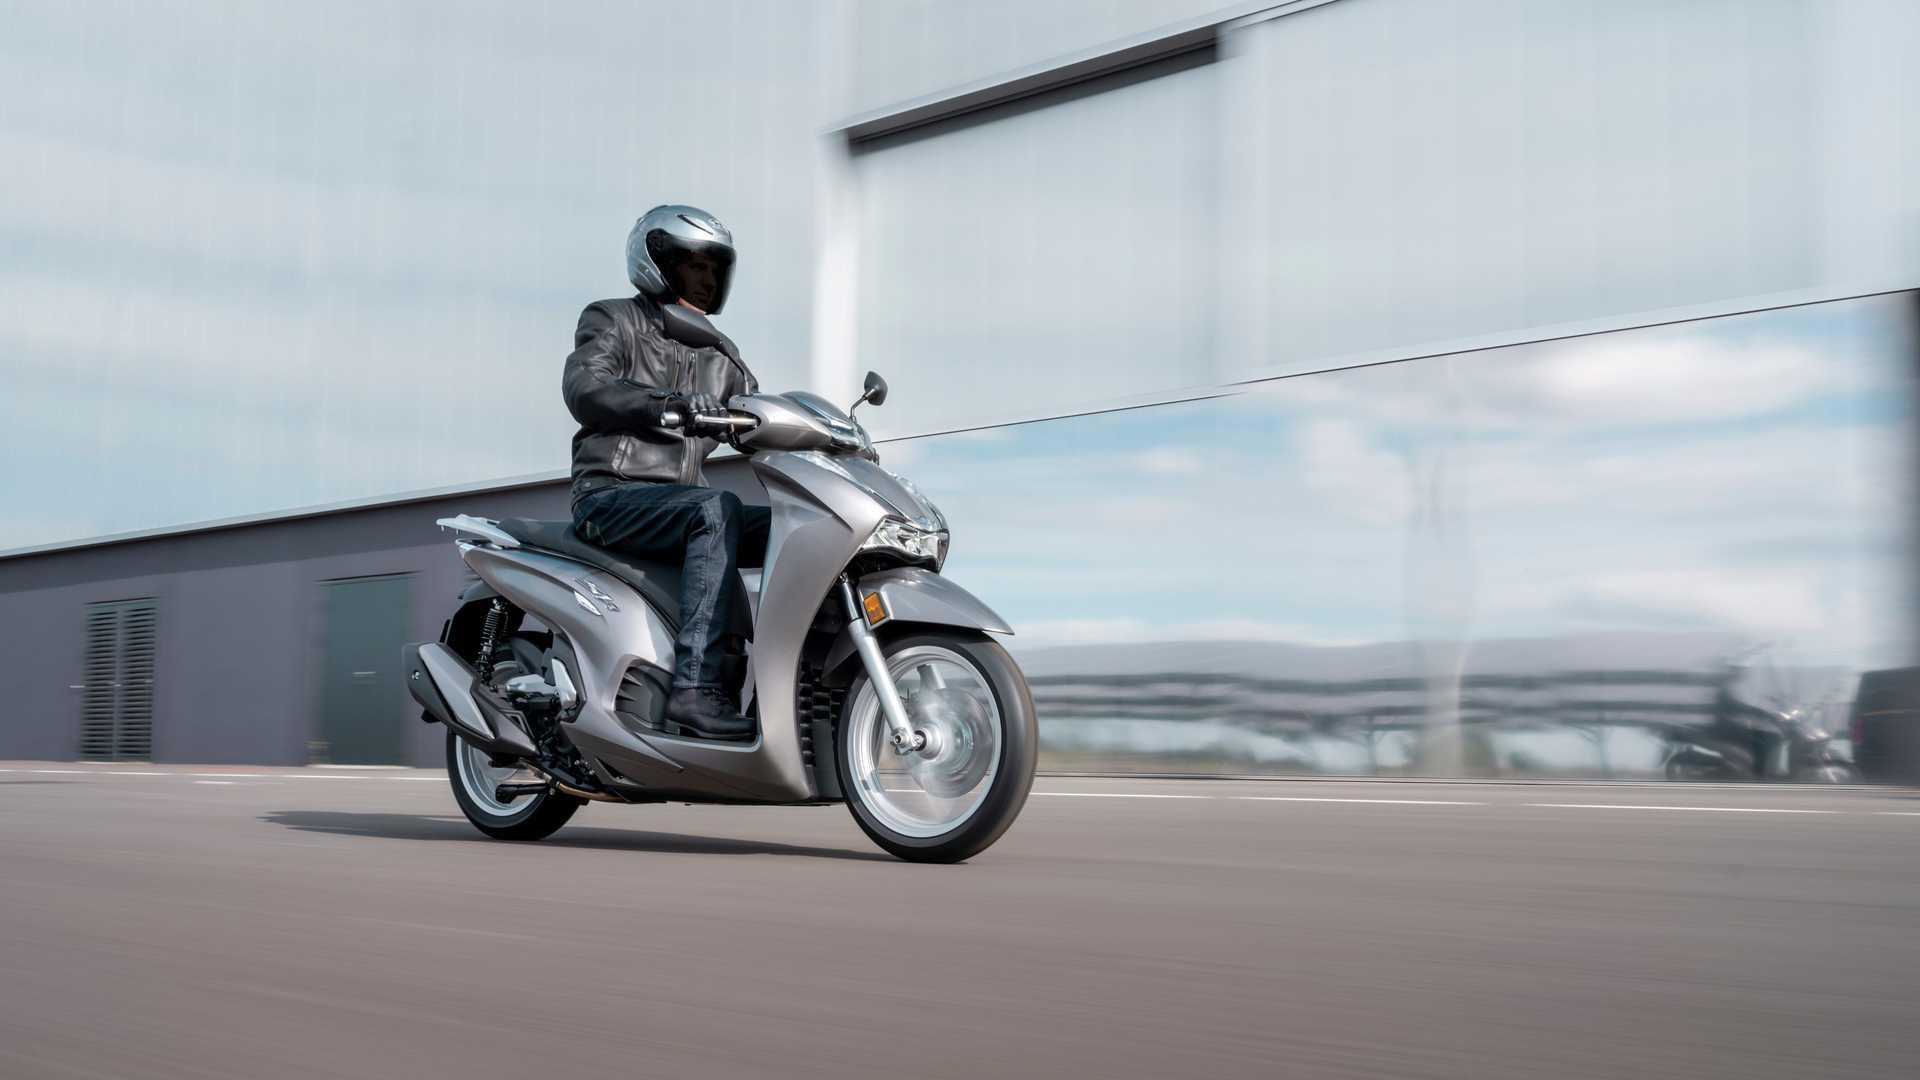 Honda ra mắt SH350i và PCX125 phiên bản mới